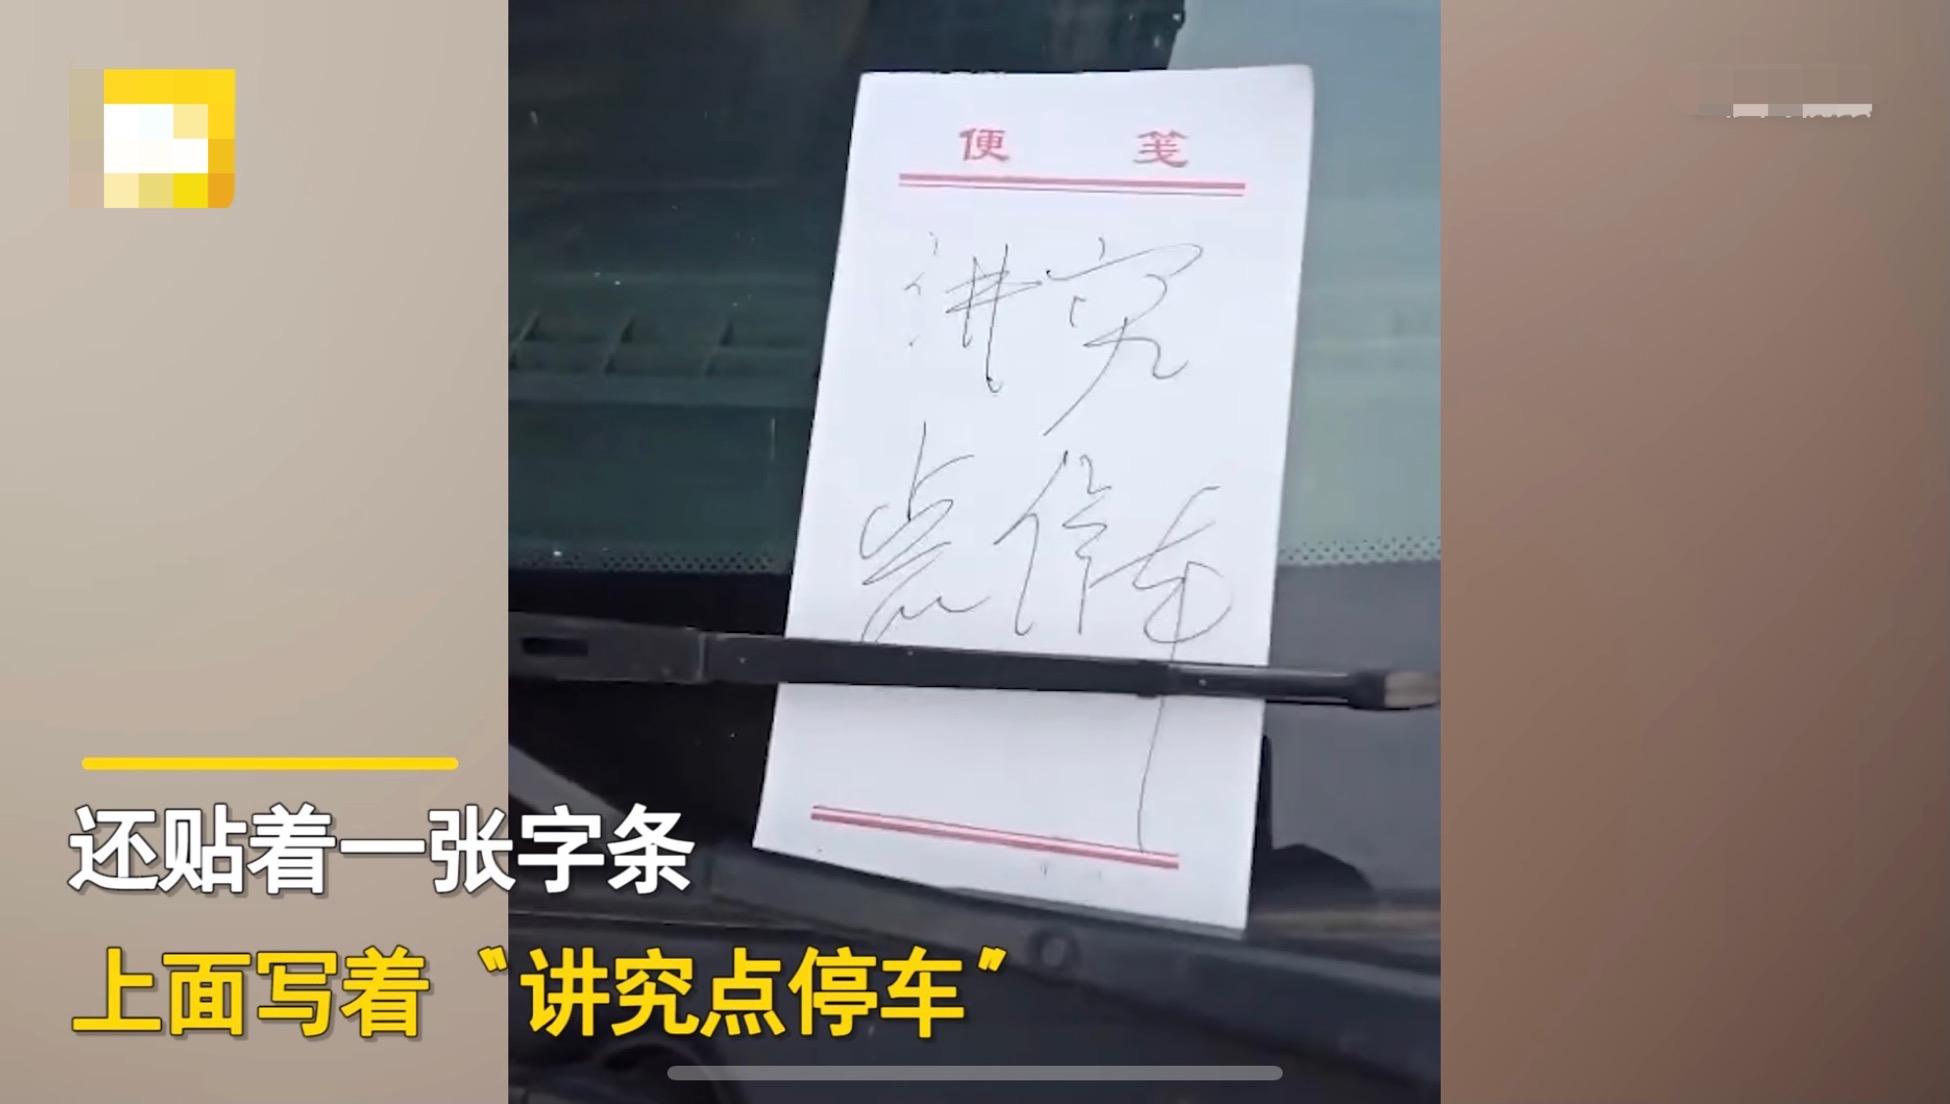 辽宁一路边小车缠满黄胶带,车牌也被掰弯,玻璃上有字条:停车讲究点